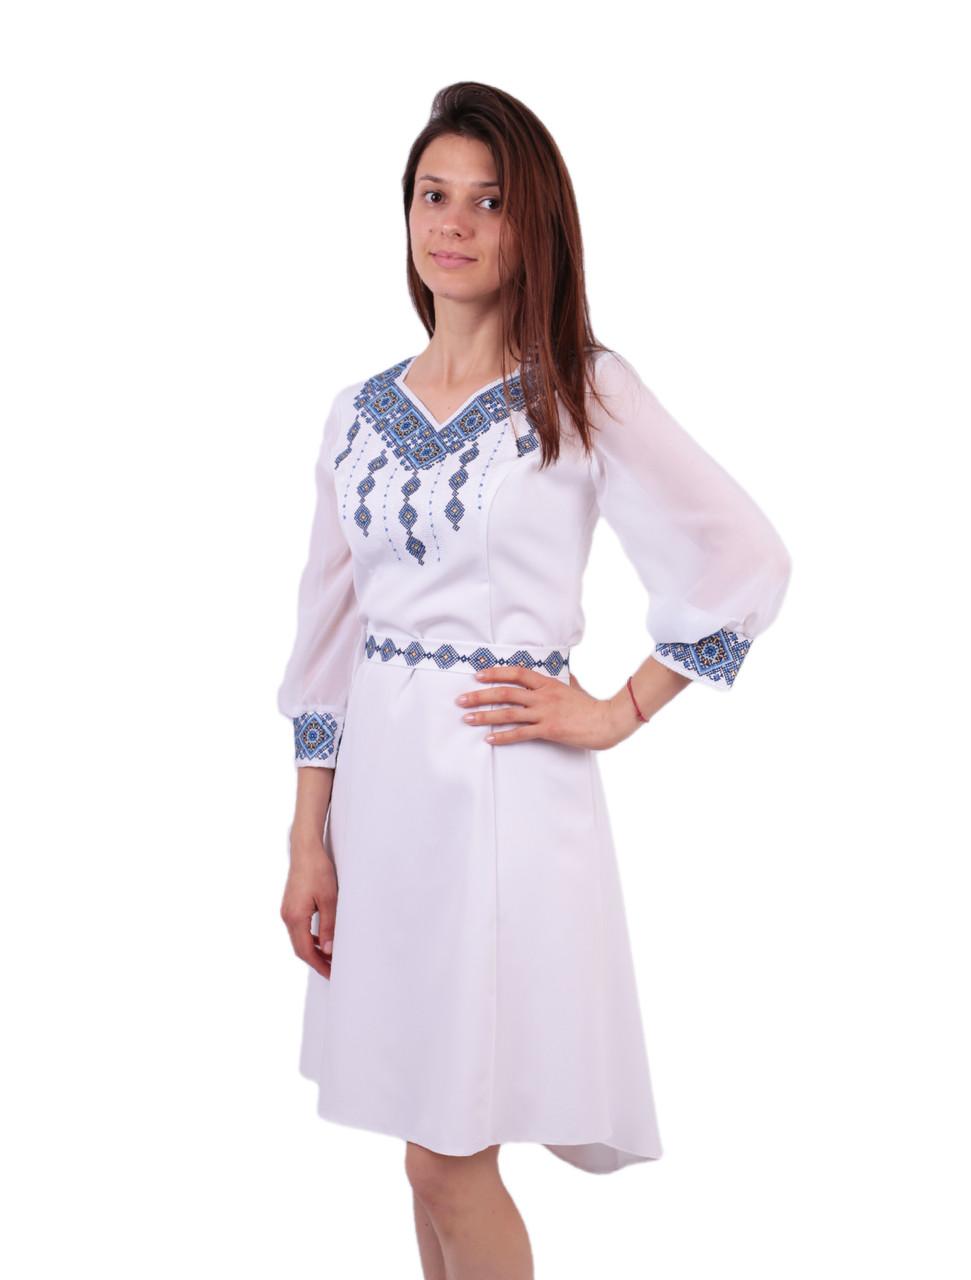 be7a8894306c10 Вишите біле плаття недорого з машинною вишивкою голубого кольору -  Інтернет-магазин вишиванок для всієї